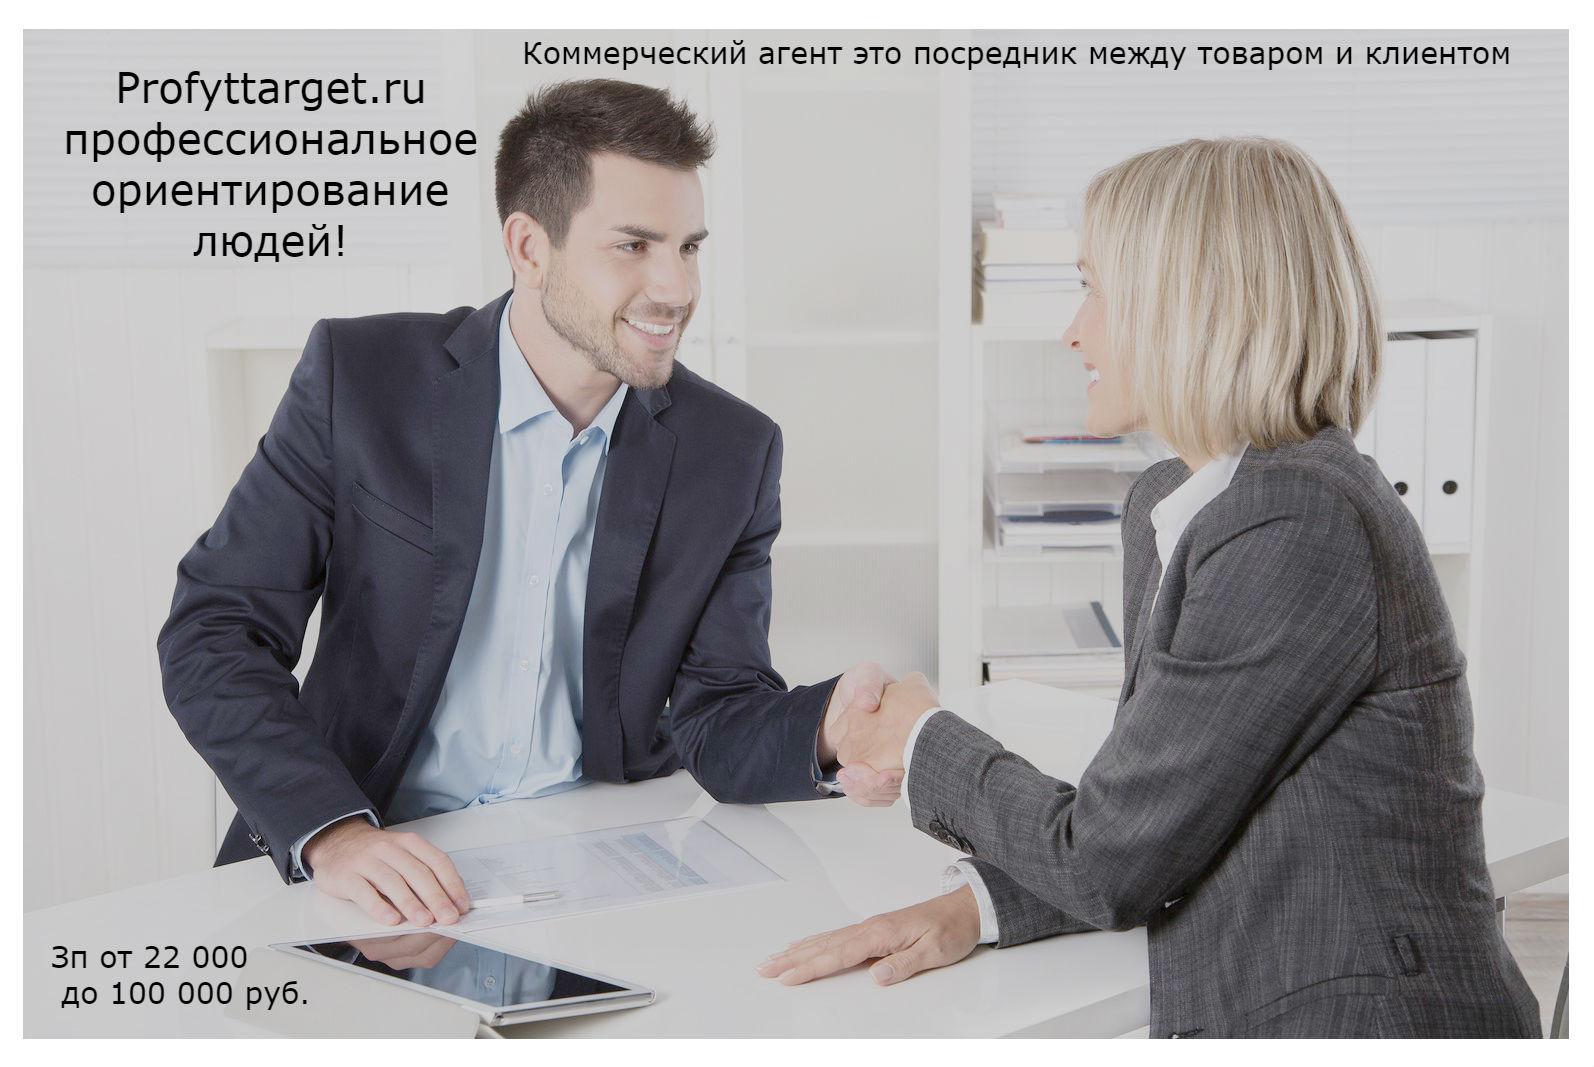 коммерческий агент на фирме